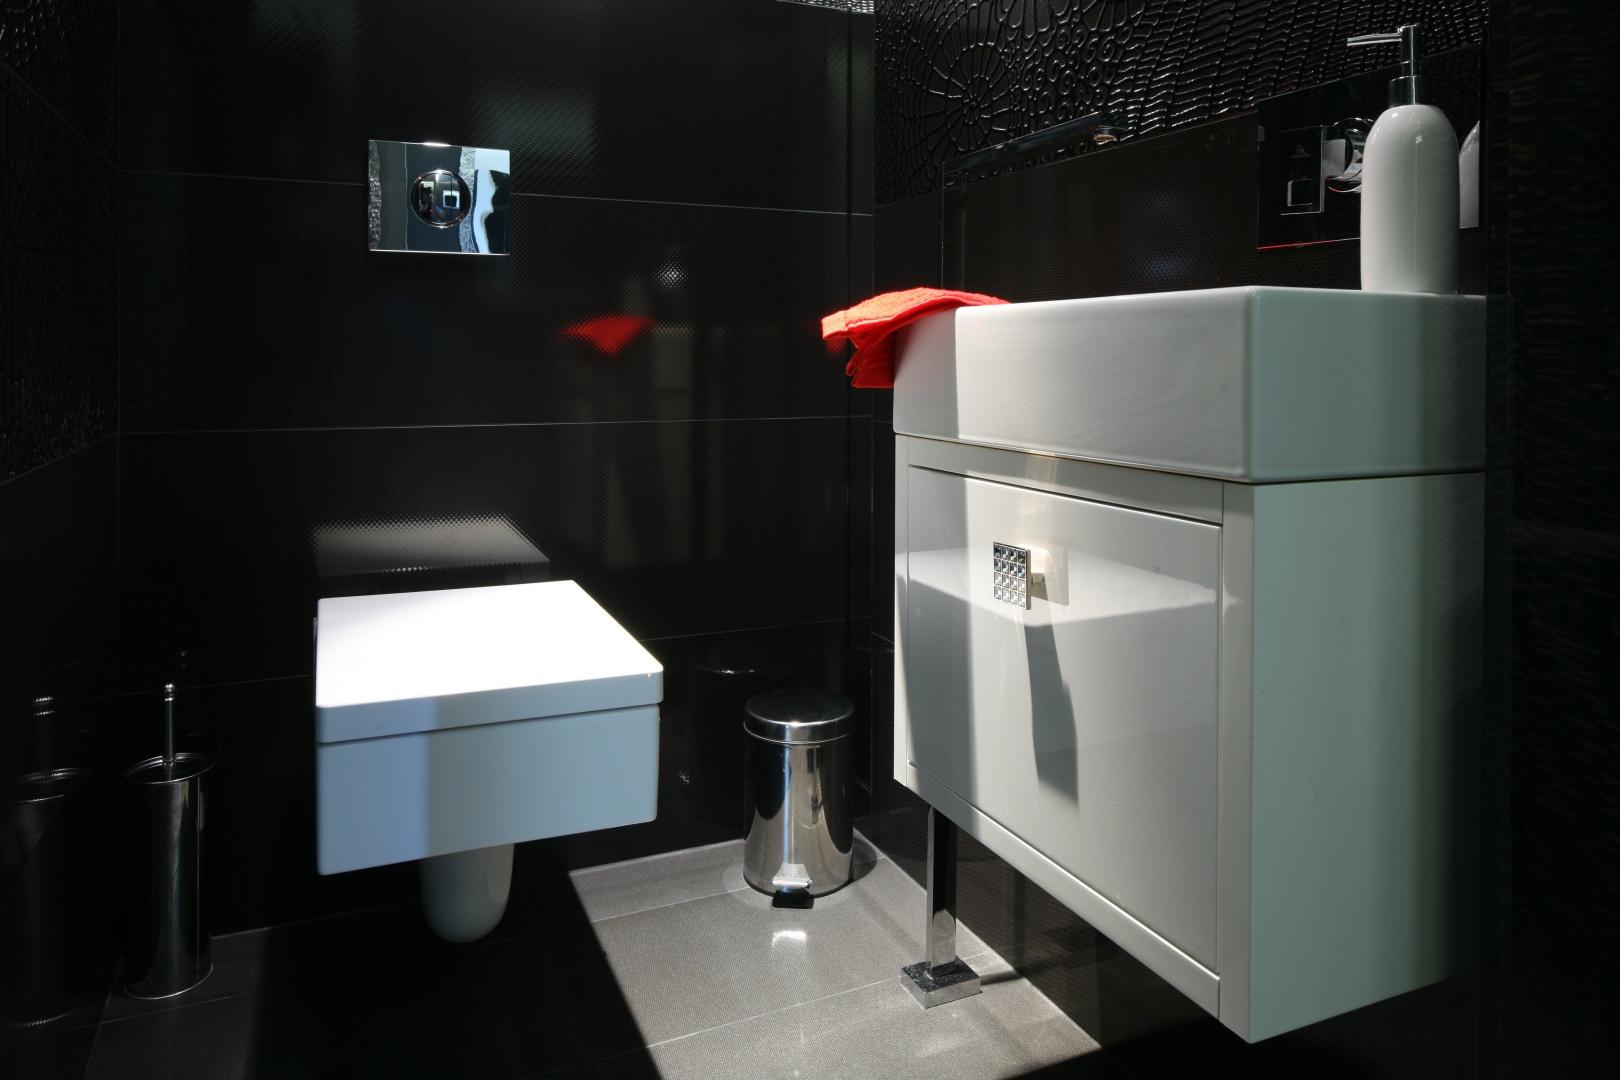 Mimo niewielkich gabarytów pomieszczenia czerń w tej łazience okazała się dobrym rozwiązaniem. Stała się doskonałym tłem dla wyeksponowania szczegółów, które w tak niewielkim wnętrzu są najbardziej istotne. Projekt Łukasz Sałek. Fot. Bartosz Jarosz.